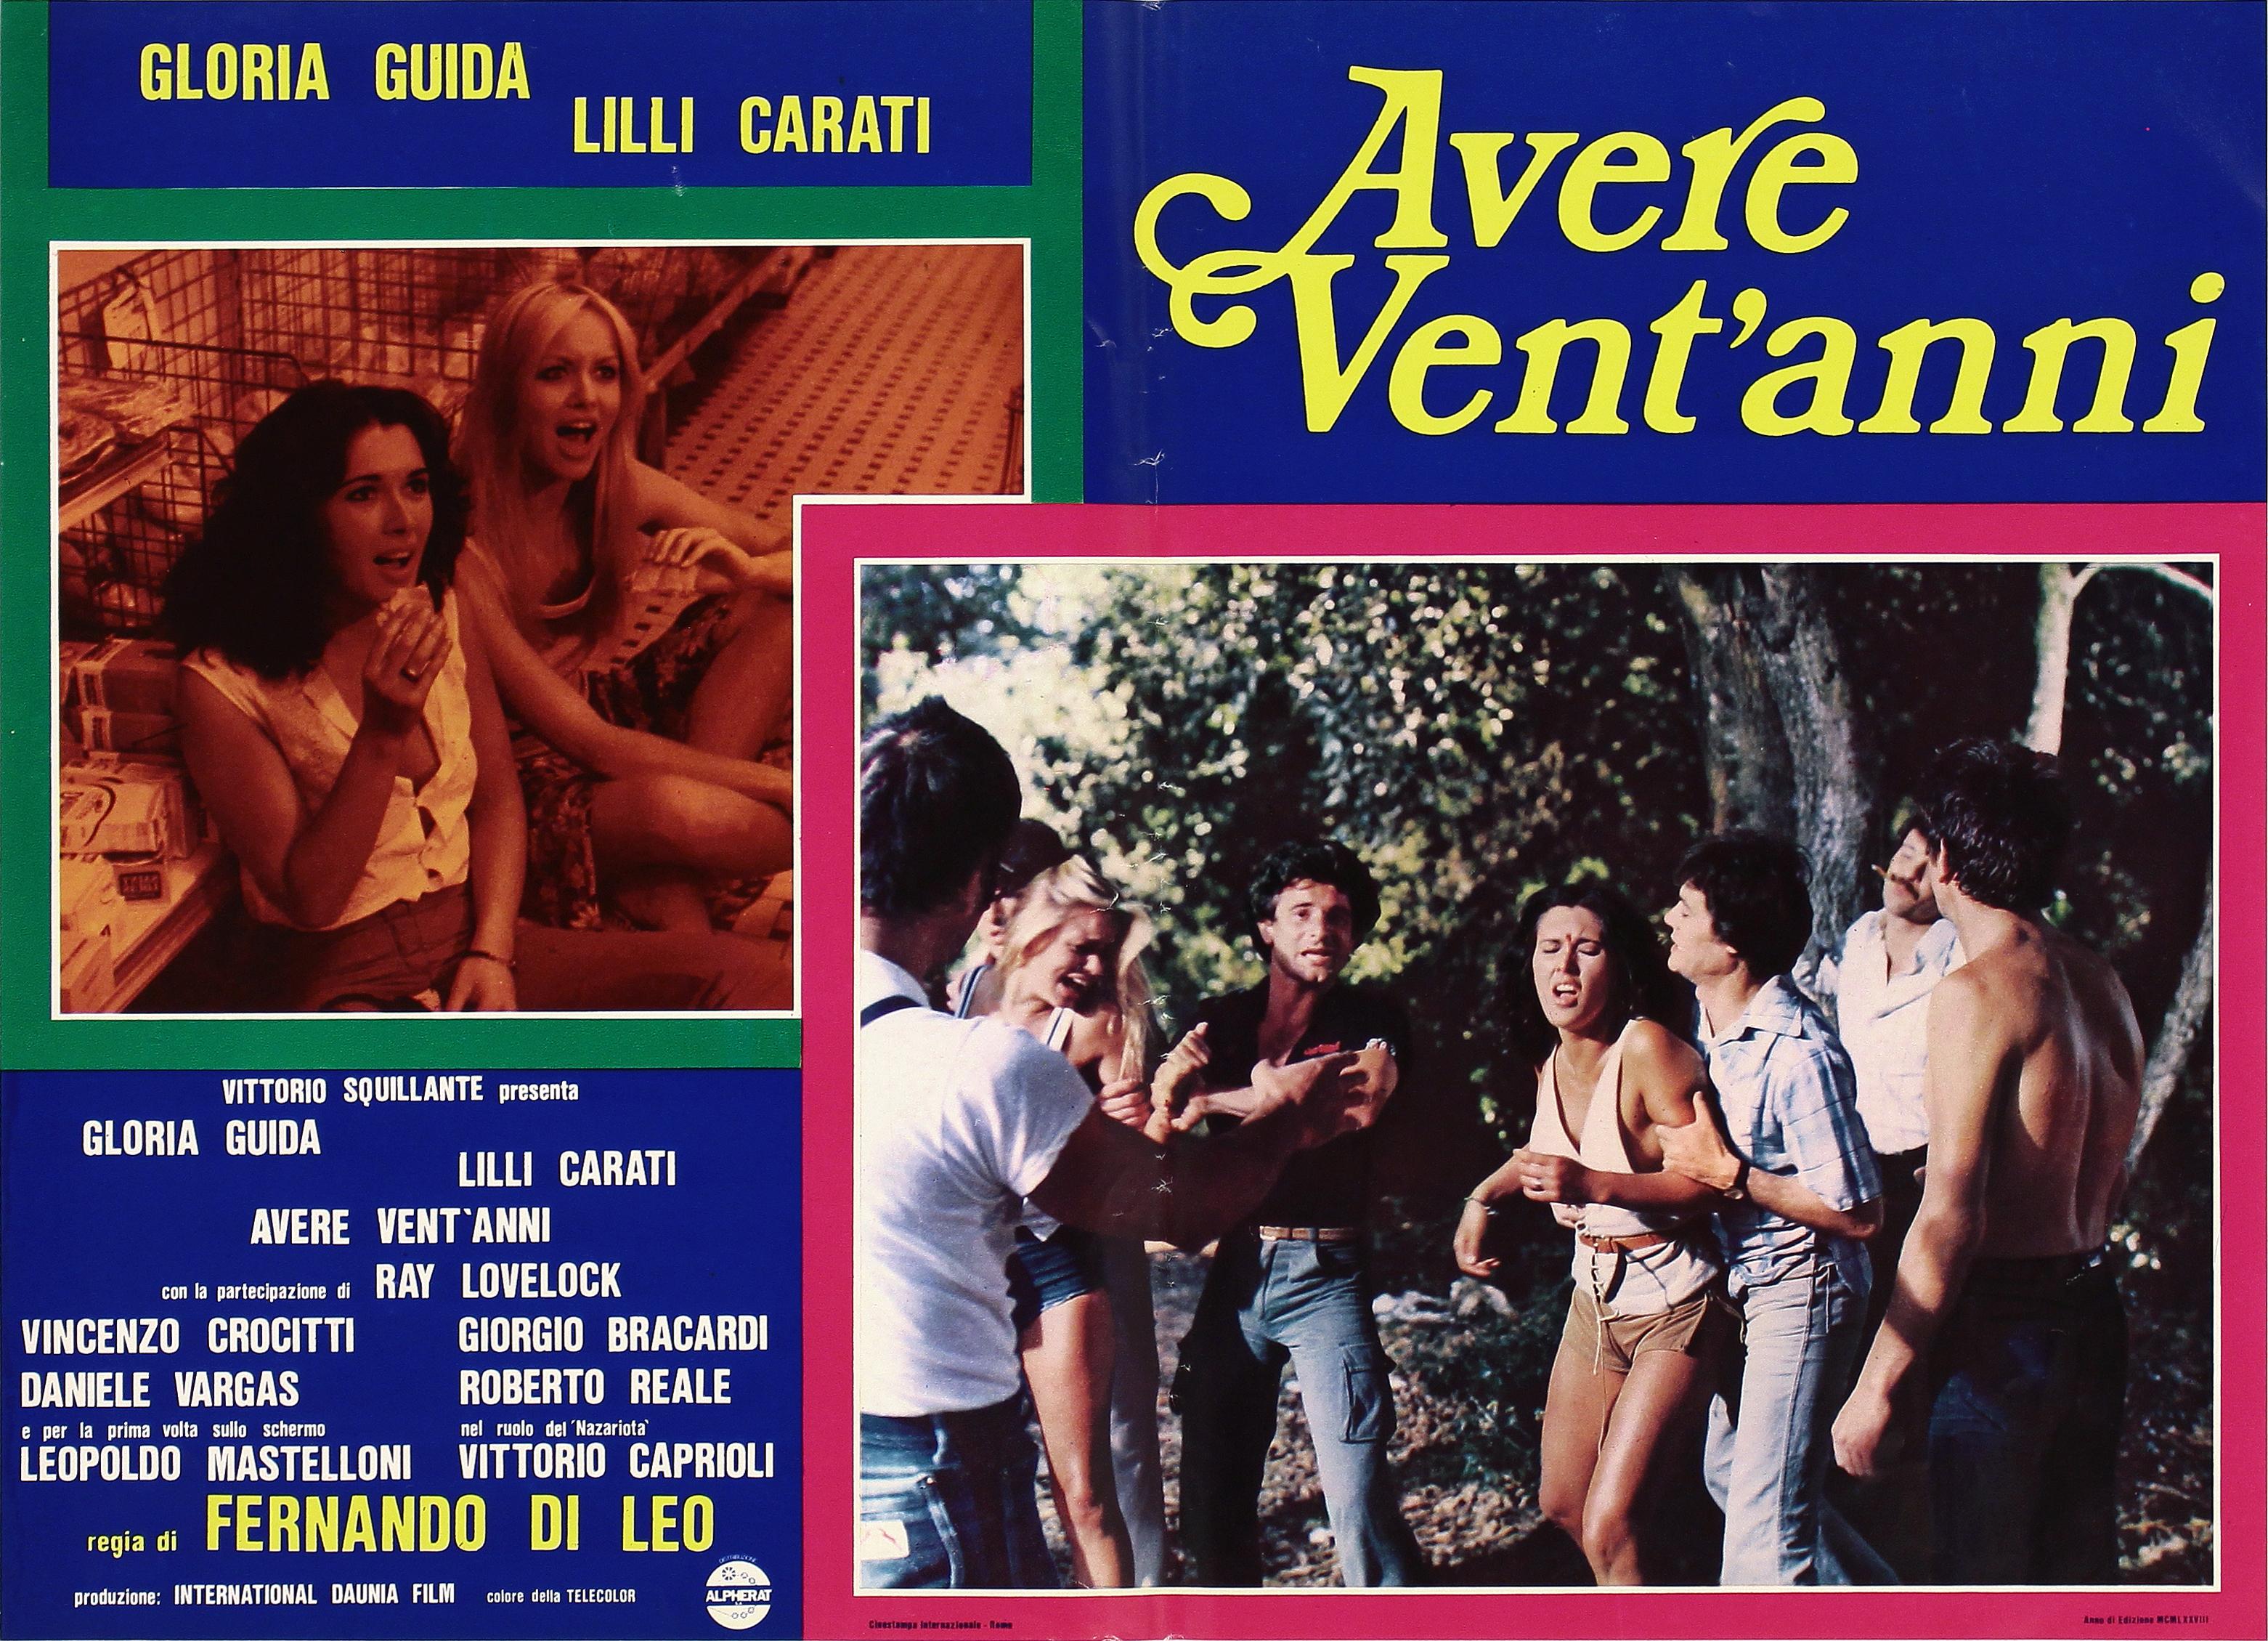 Lilli Carati and Gloria Guida in Avere vent'anni (1978)